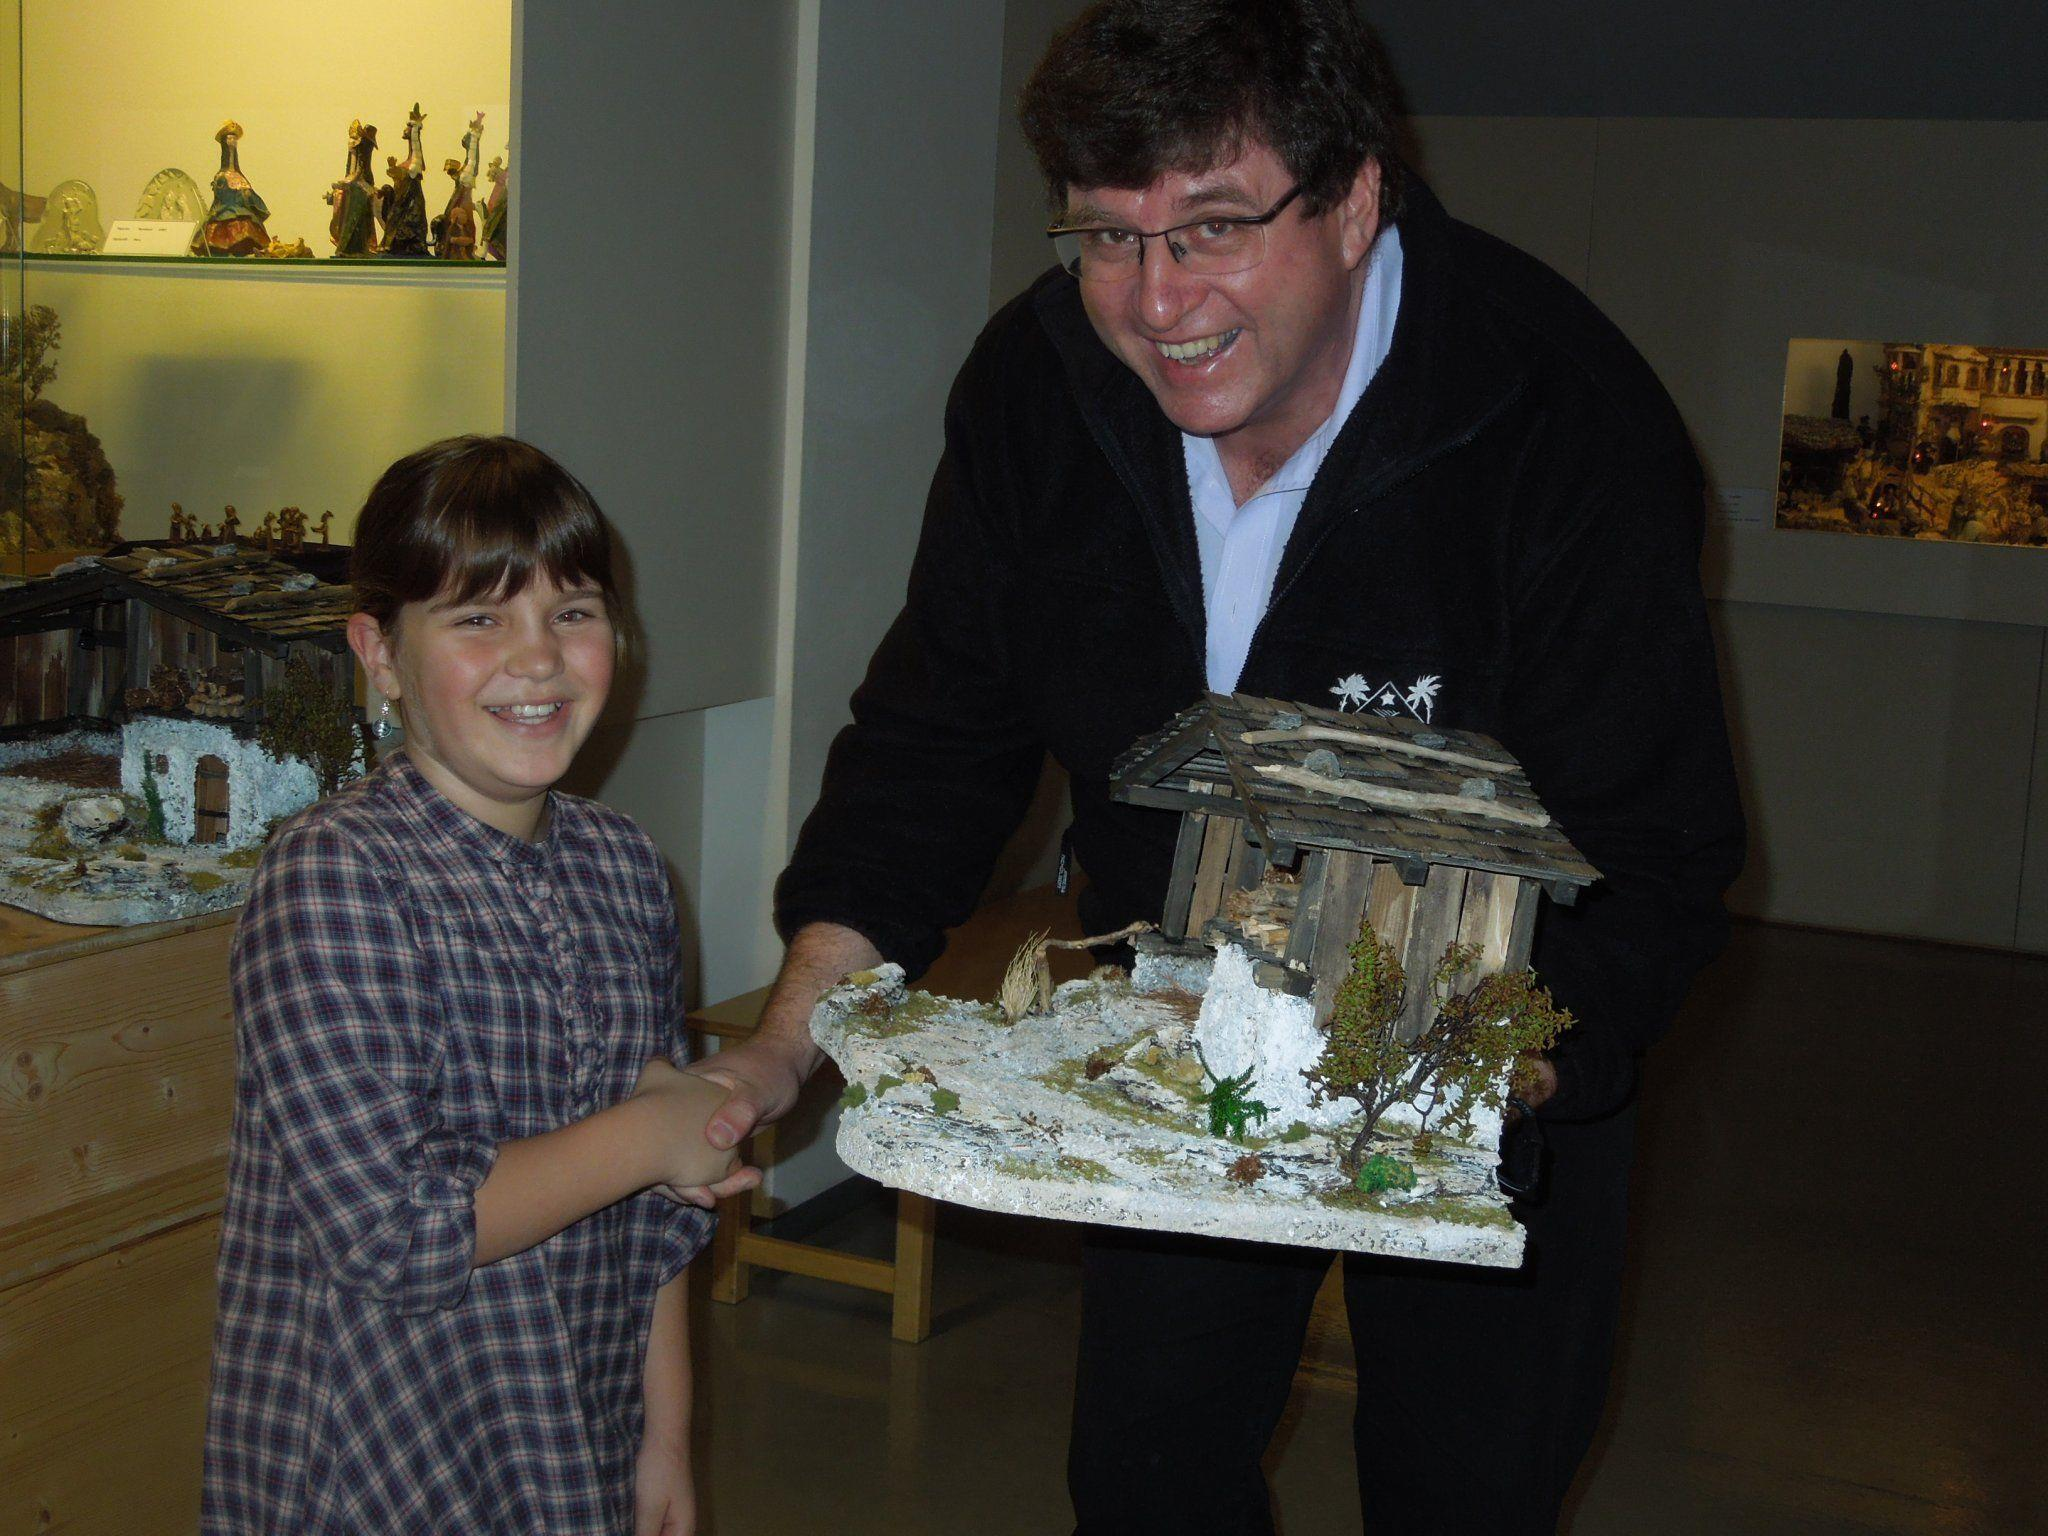 Walter Mäser, Obmann vom Krippenverein, überreichte Fabienne Hofer ihre gewonnene Krippe.